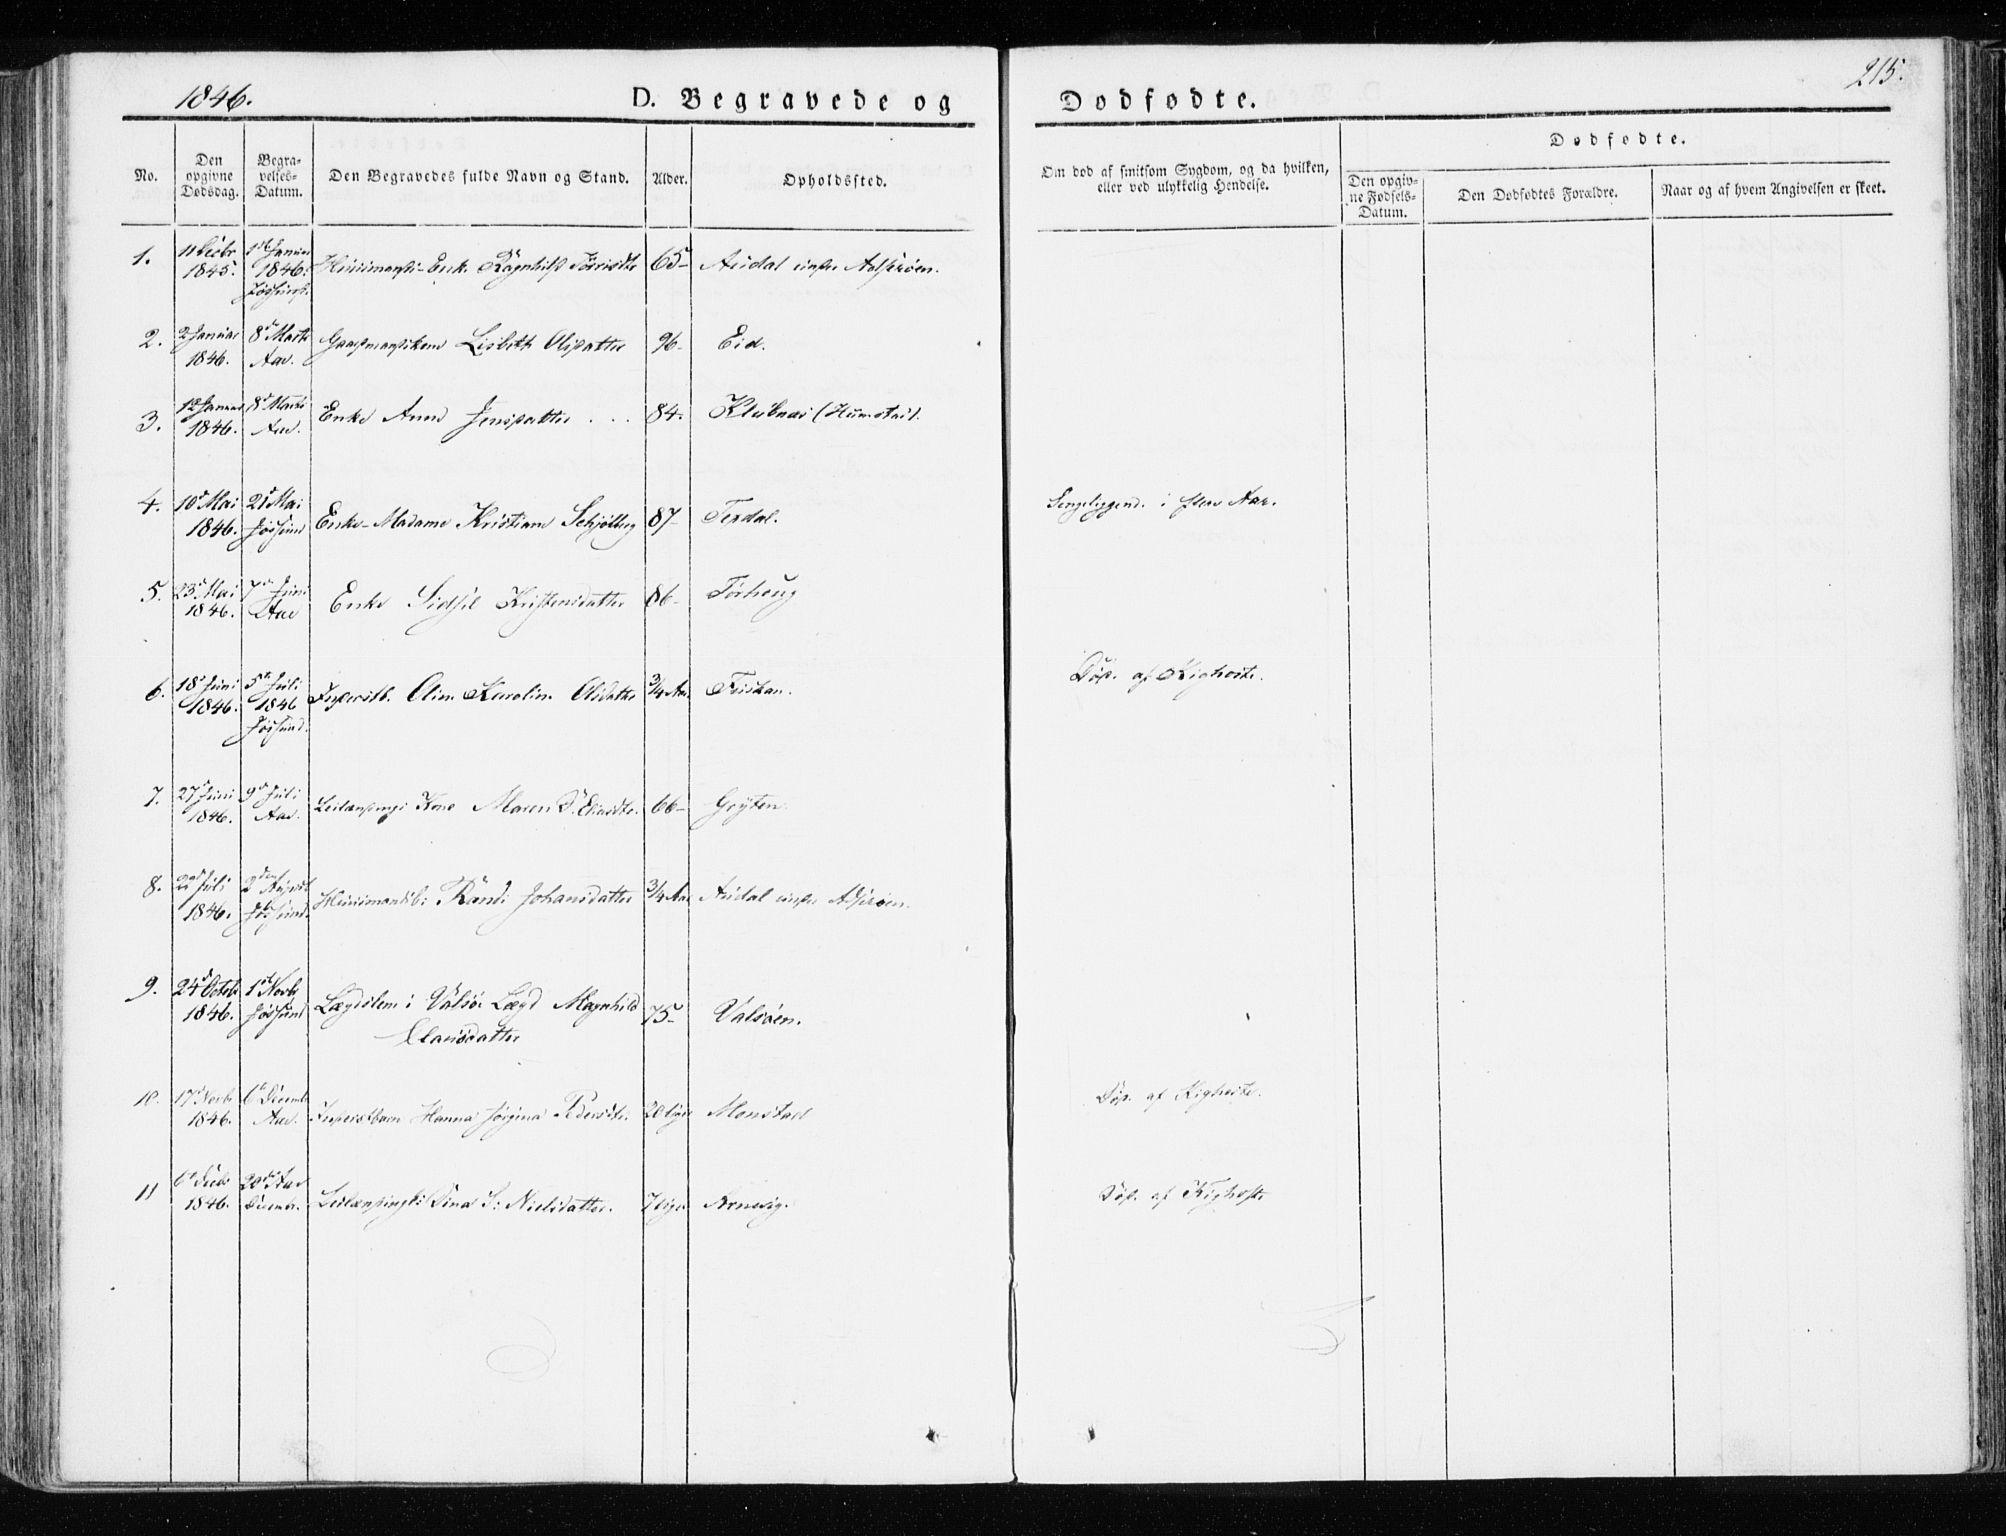 SAT, Ministerialprotokoller, klokkerbøker og fødselsregistre - Sør-Trøndelag, 655/L0676: Ministerialbok nr. 655A05, 1830-1847, s. 215